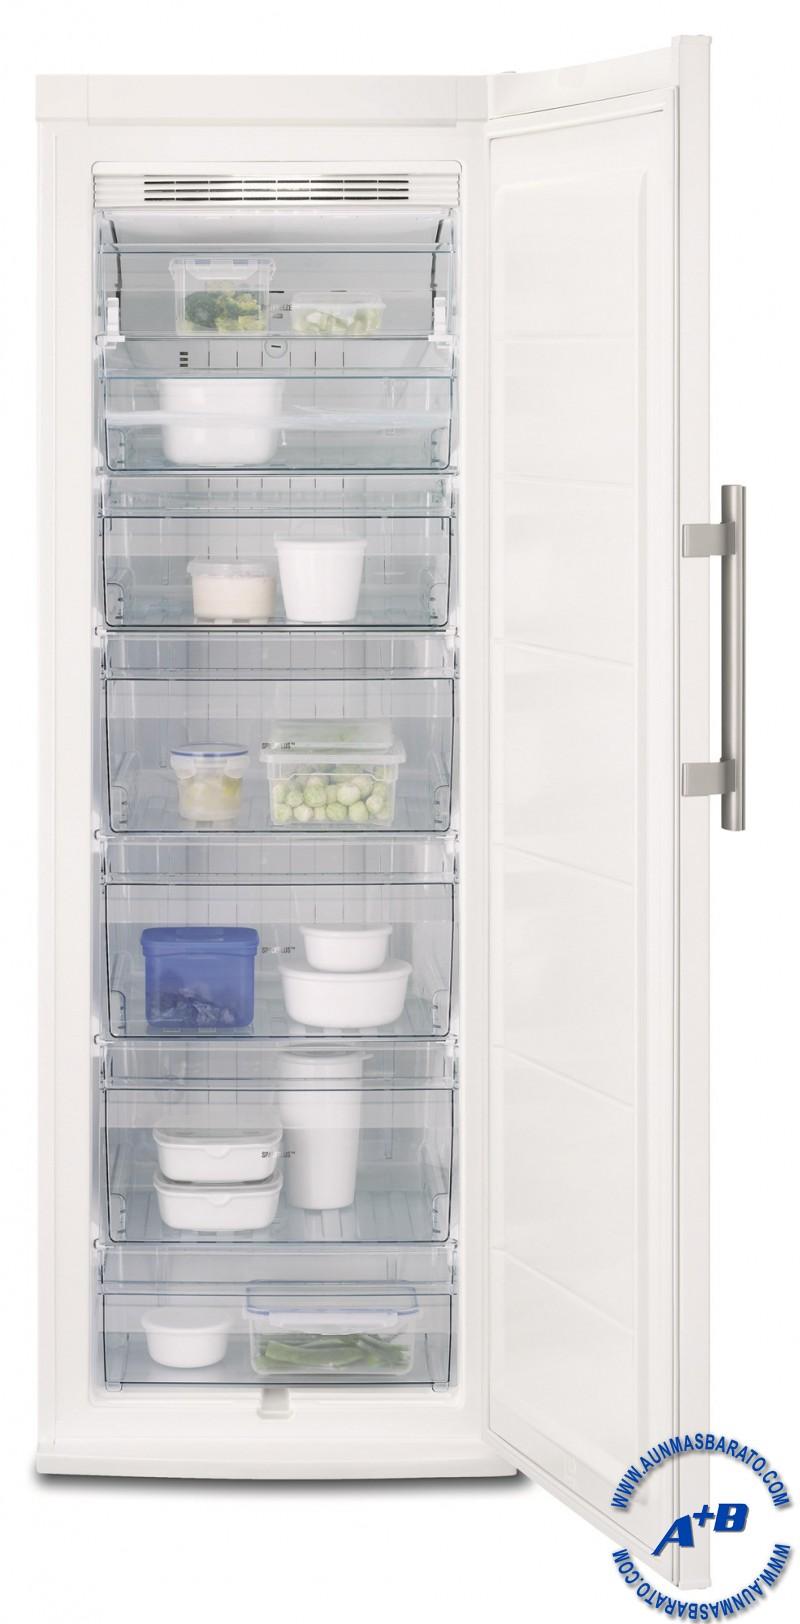 Congelador electrolux euf2744aow precios baratos for Congelador vertical pequeno